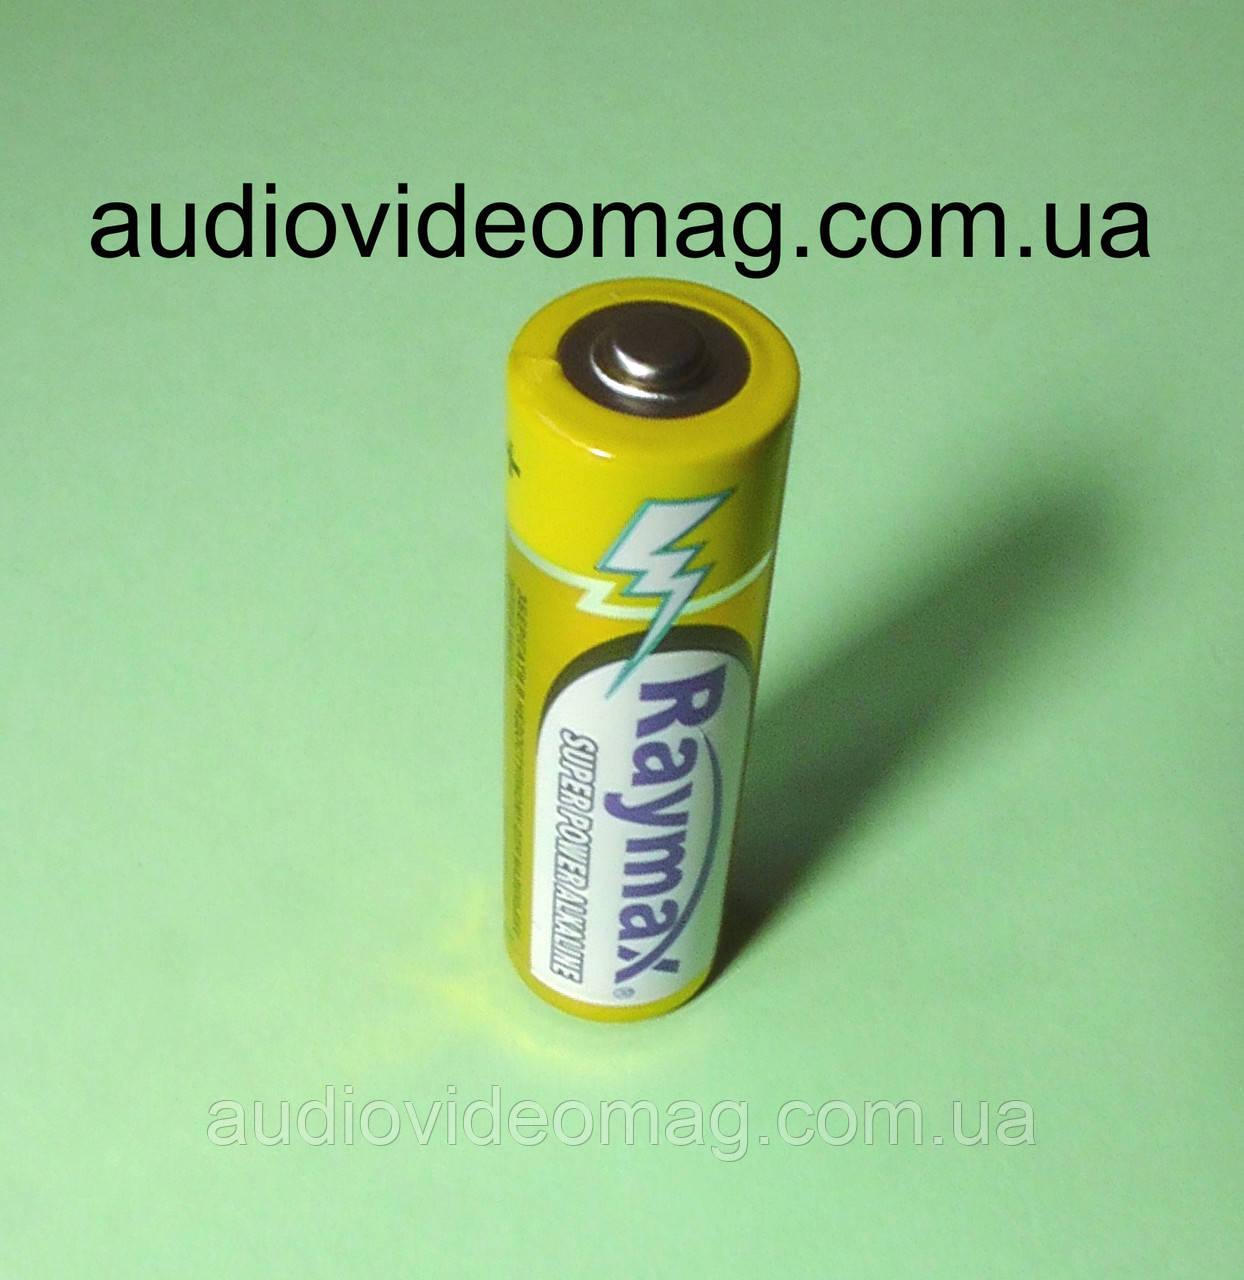 Батарейка Raymax LR6 АА 1.5V щелочная Alkaline пальчиковая